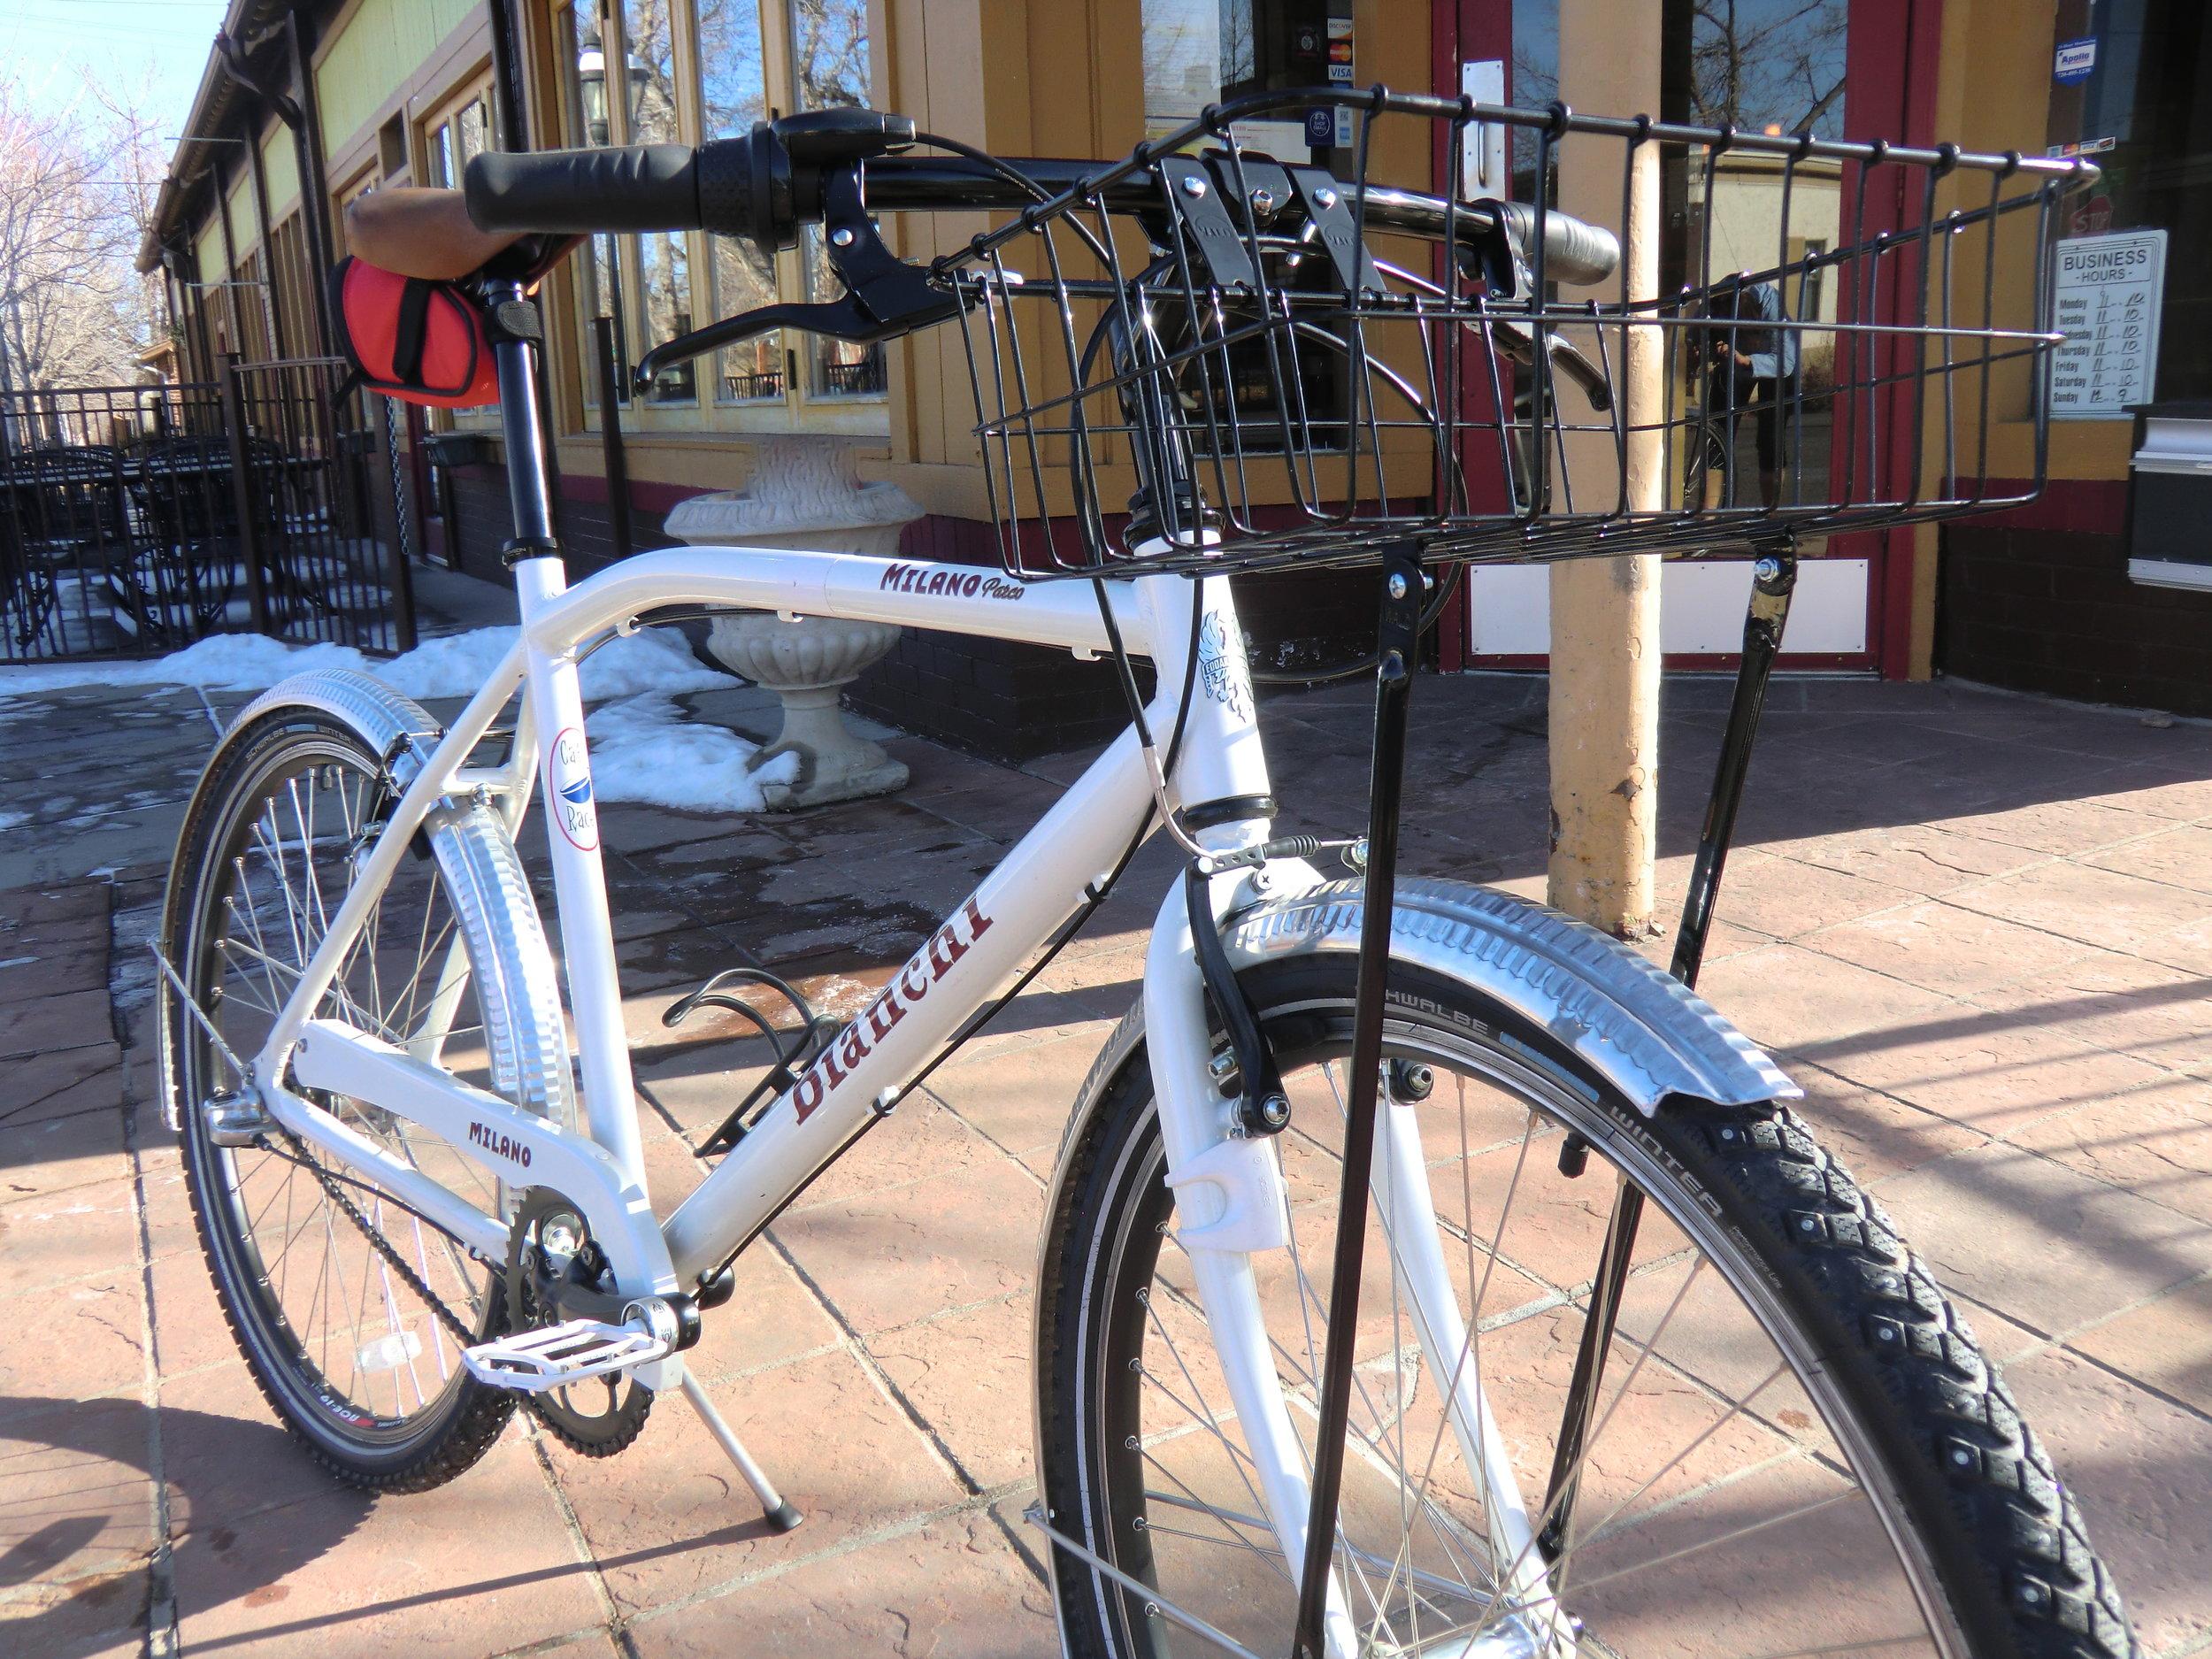 schwalbe studded tires, platform pedals, Honjo dimpled fenders.